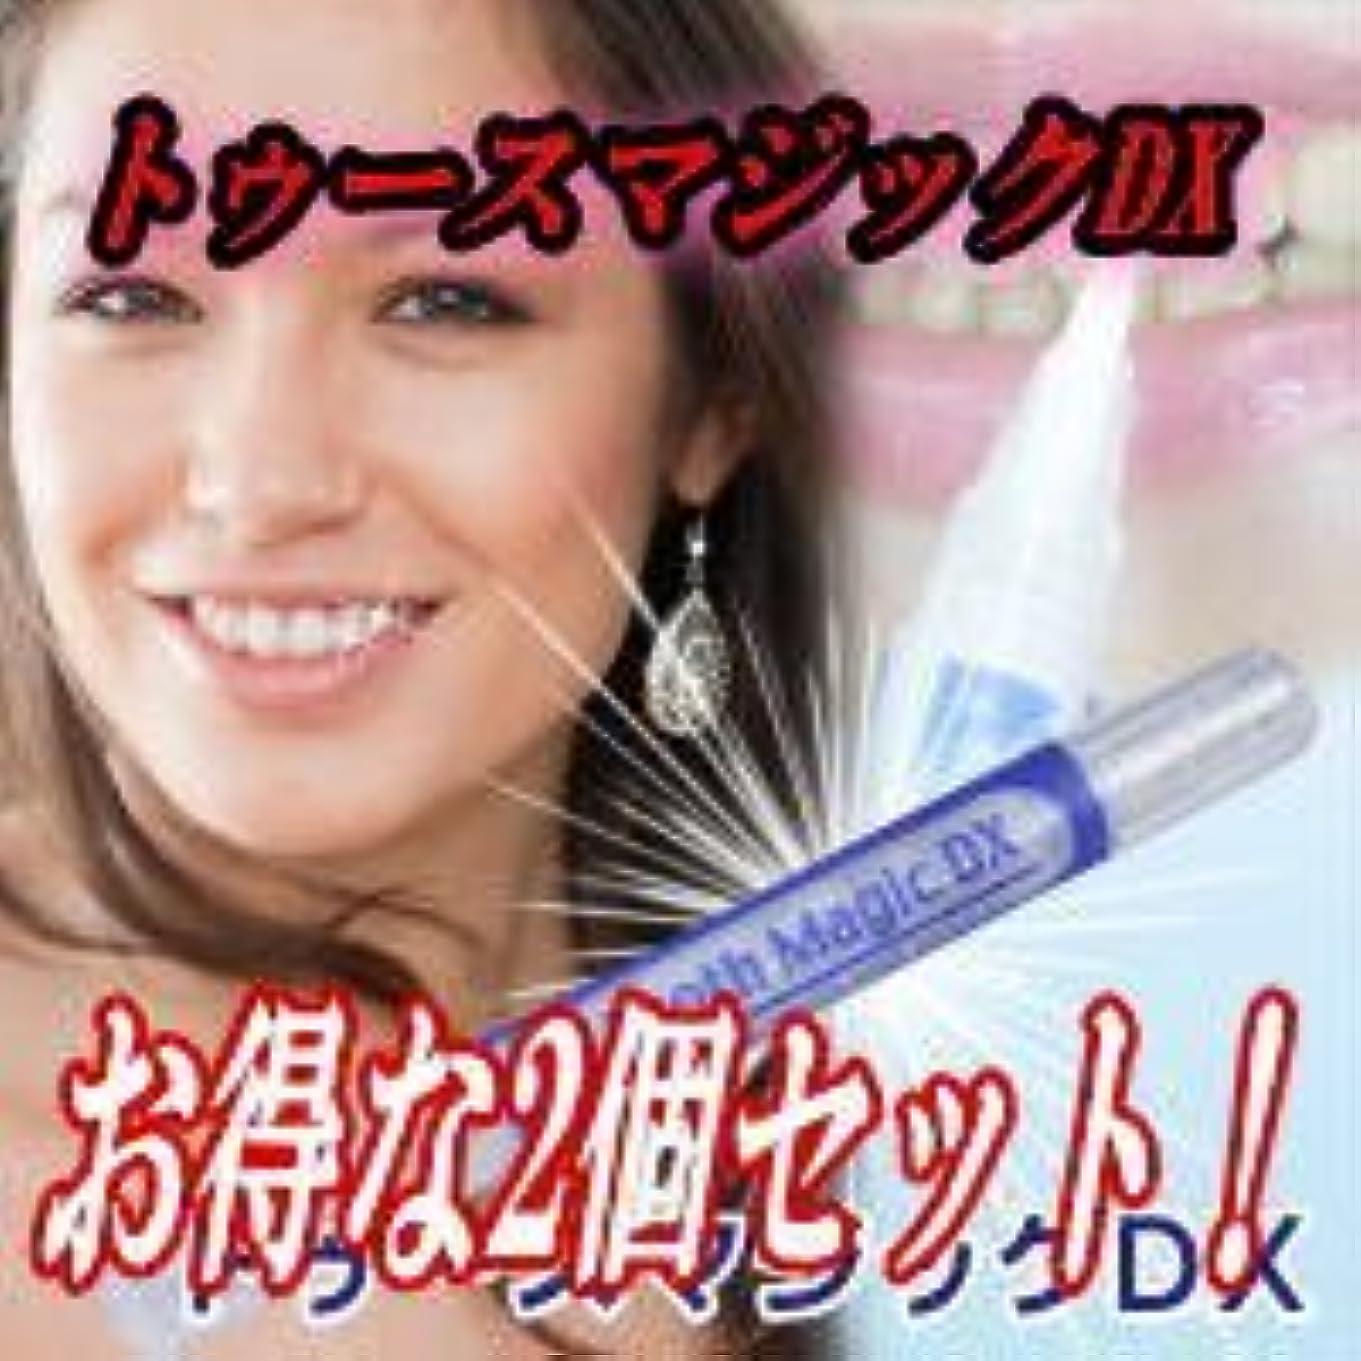 【 トゥースマジックDX 2個セット 】塗って10秒キラリ白い歯!お出かけ前やデート中にサッ!とひと塗り☆笑顔美人☆